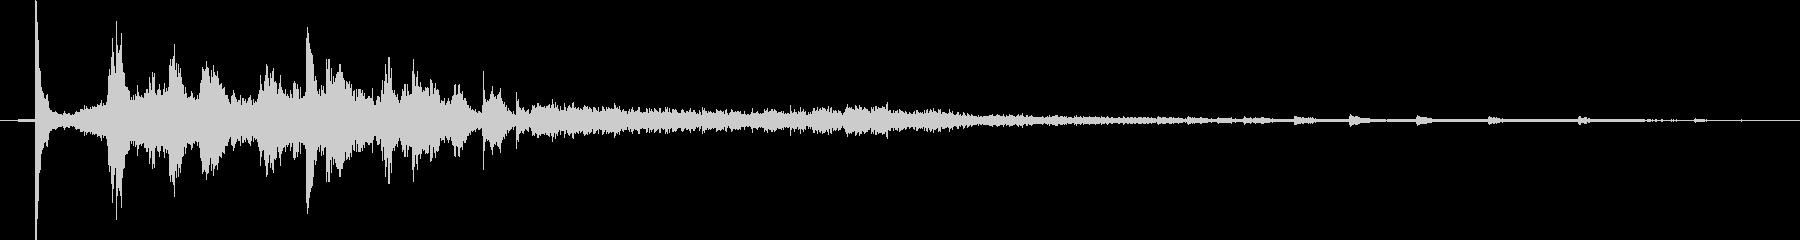 【生活音】水道の蛇口01Aの未再生の波形